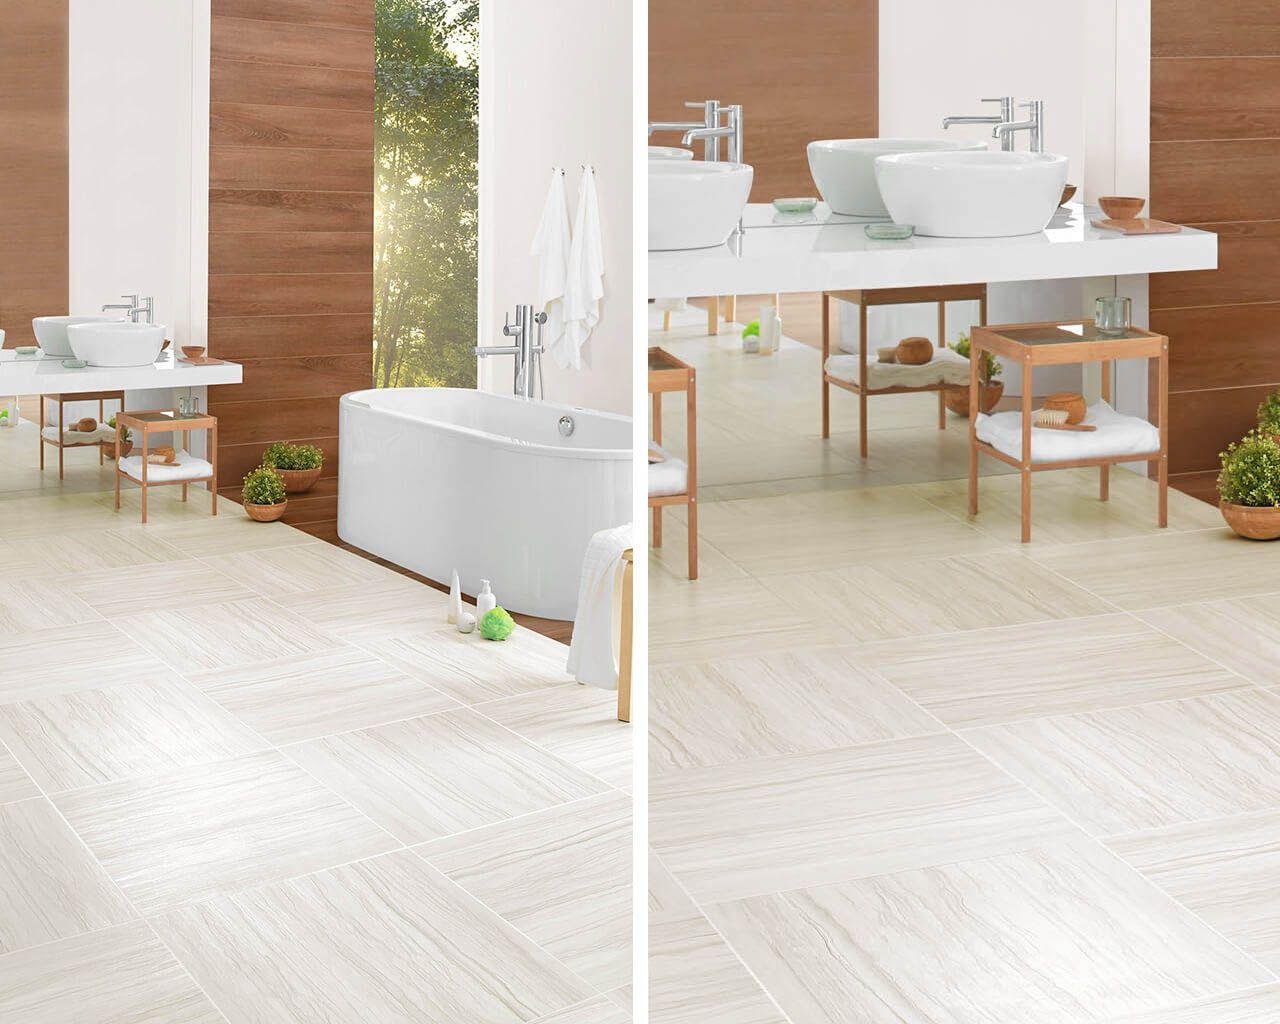 Weißer, Steinerner Fußboden Im Modernen Bad